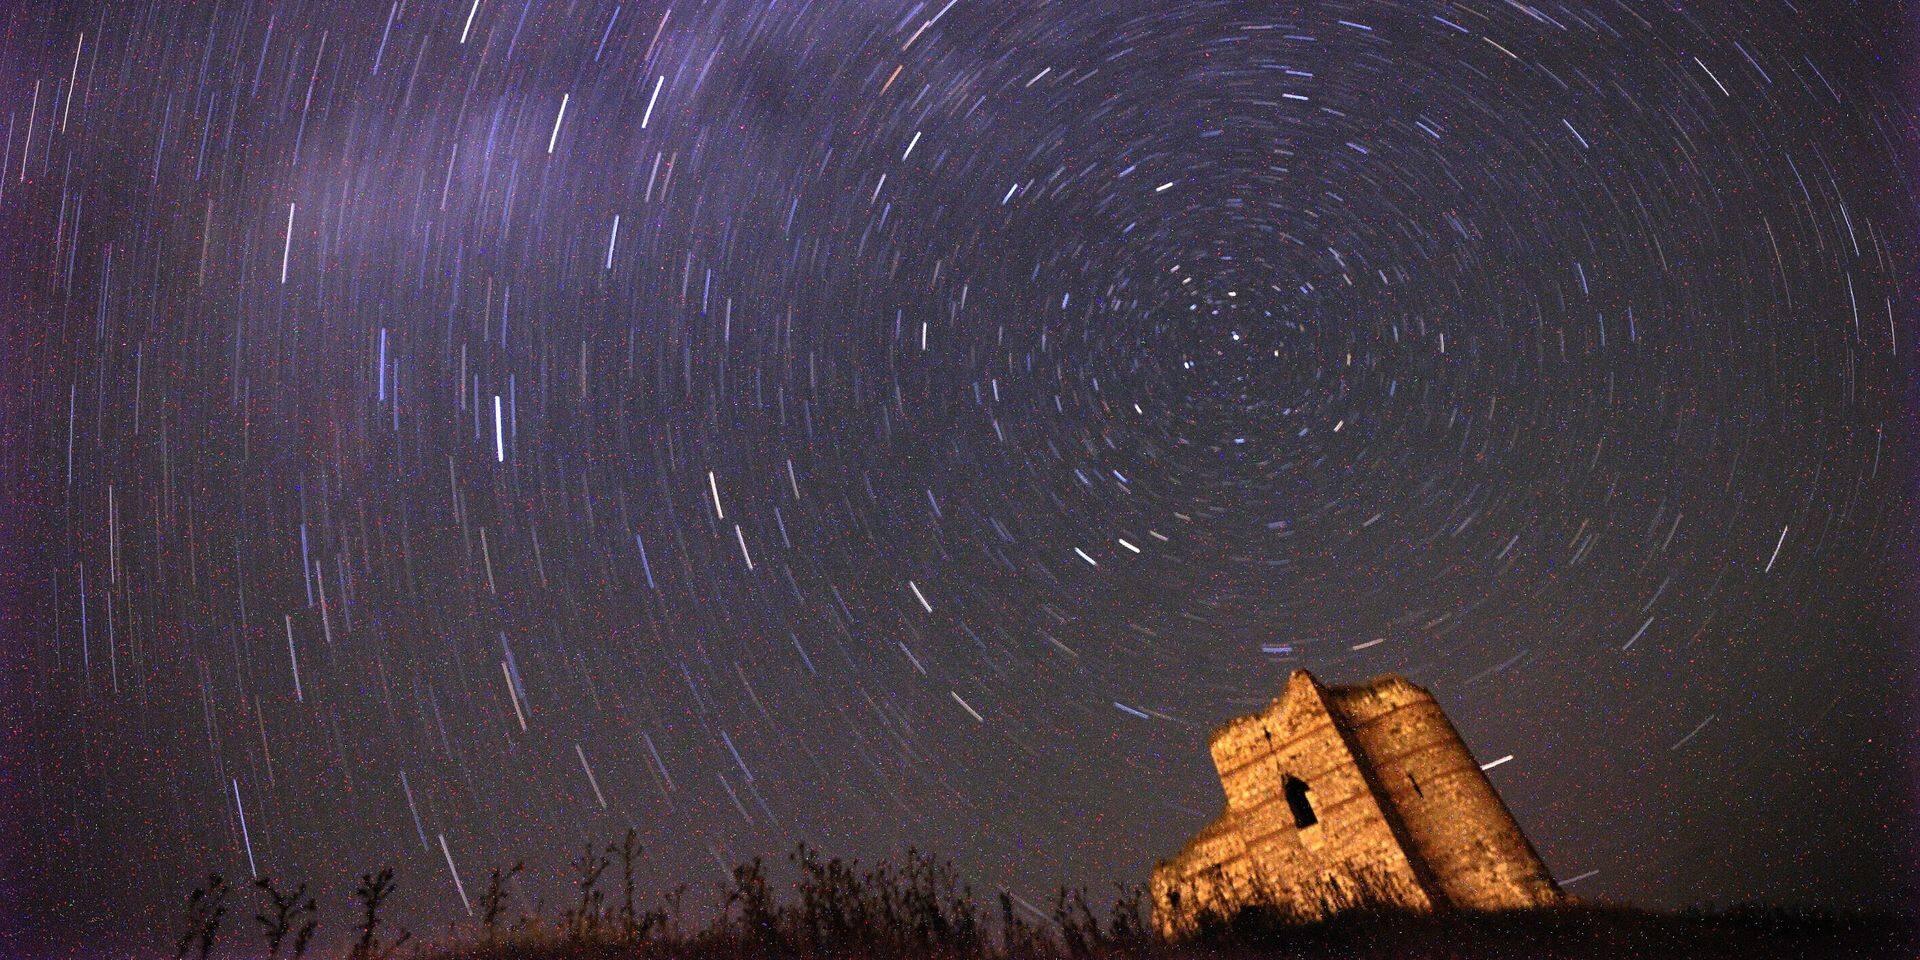 """Découverte d'une météorite exceptionnelle: """"Un témoin de l'apparition de notre système solaire"""""""